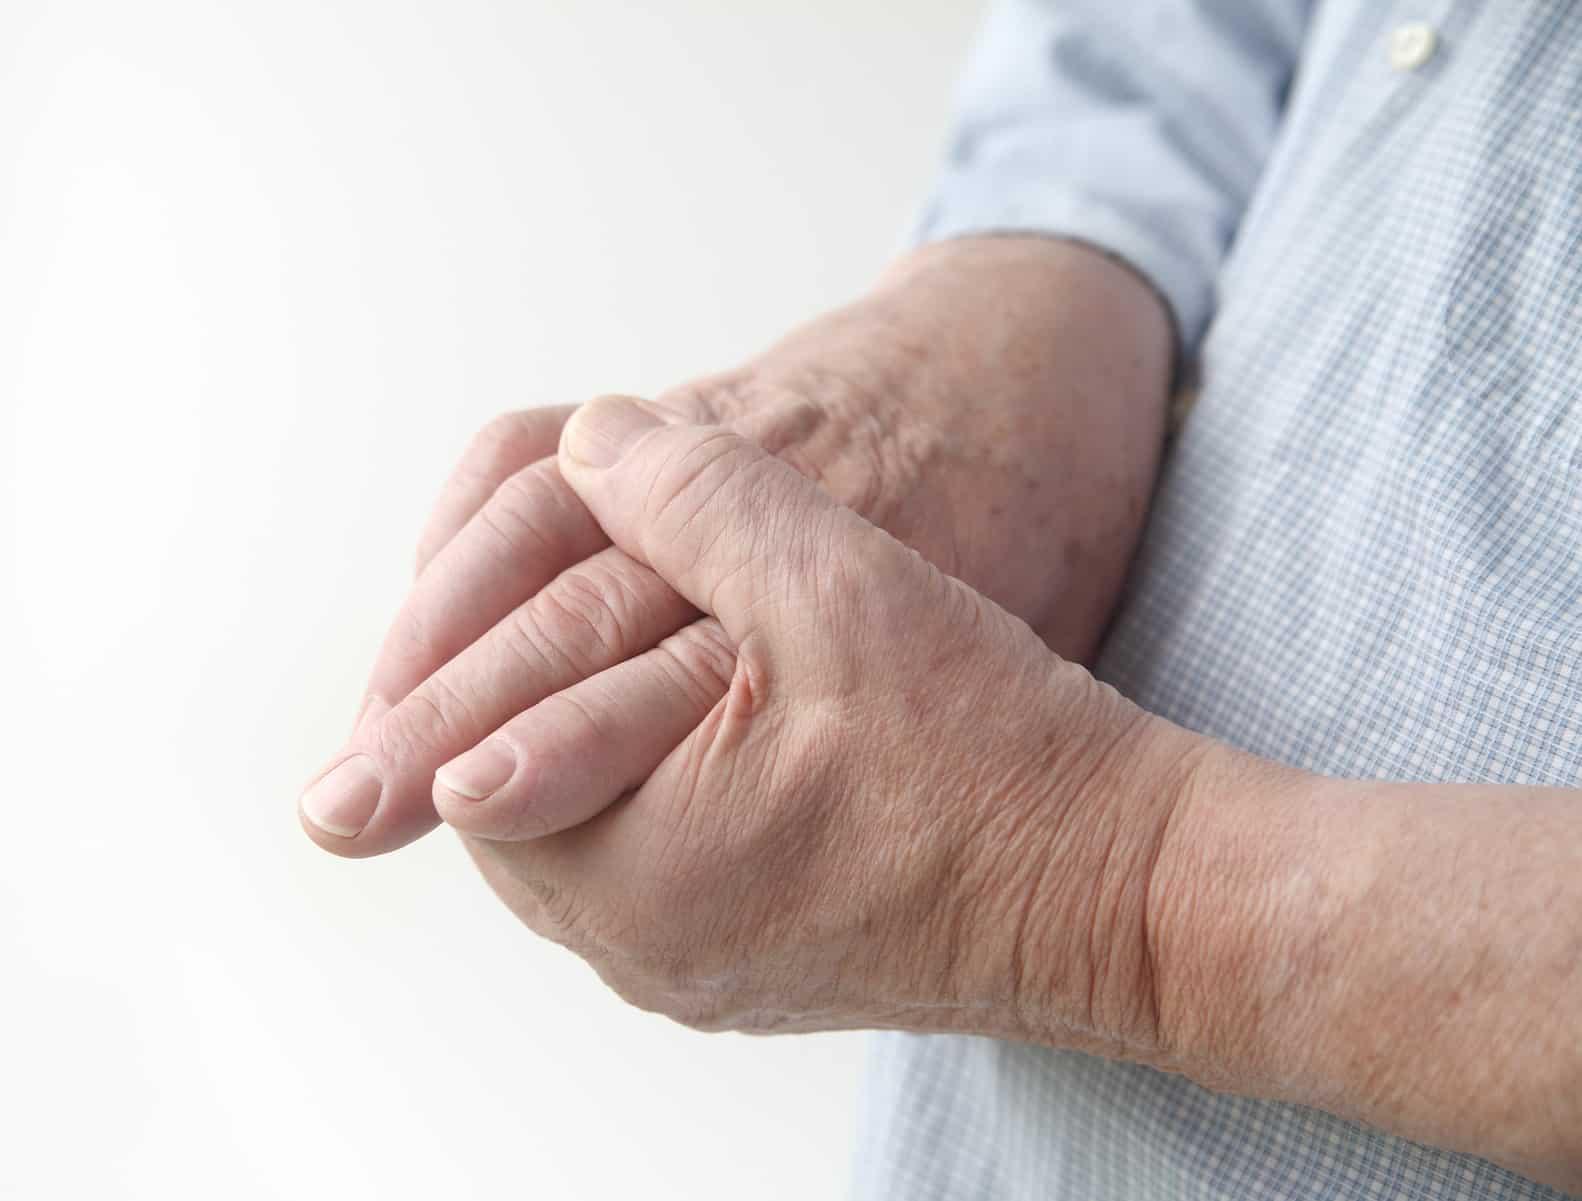 welt rheuma tag Übersäuerung und rheuma  entsauerungskur bei rheuma #9